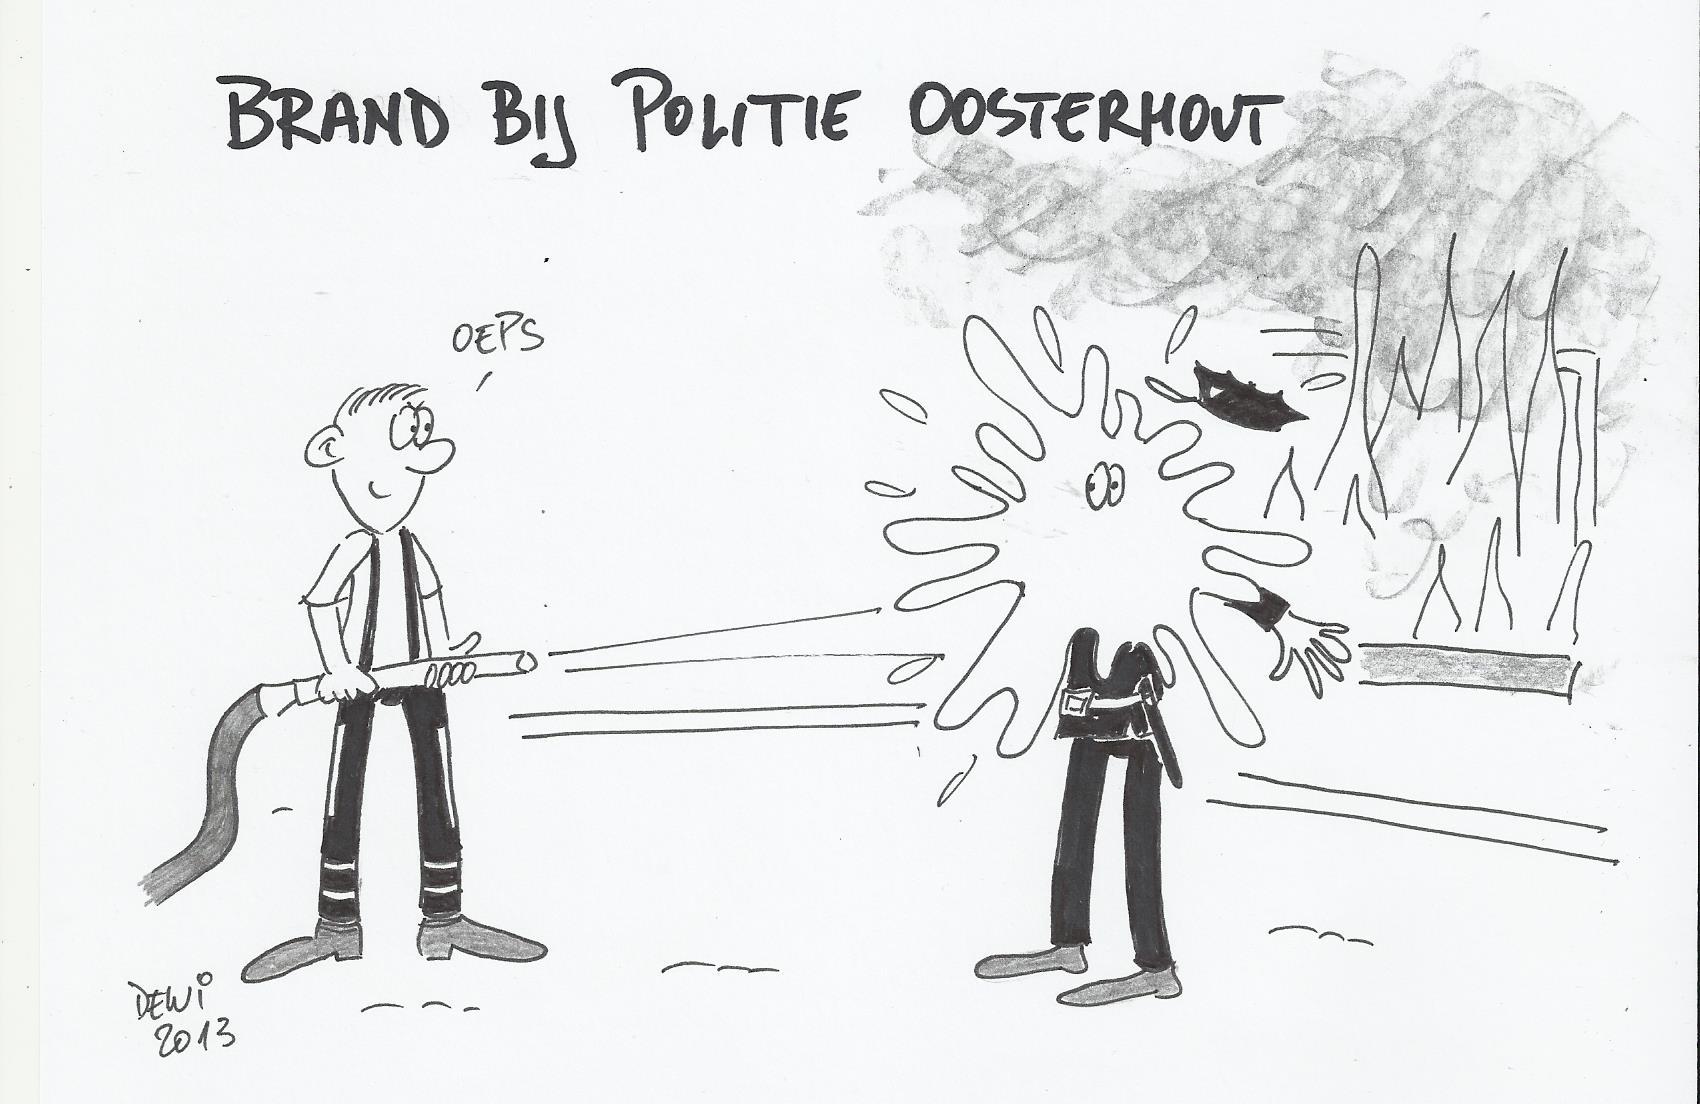 Opgetekend: Brand bij de Politie